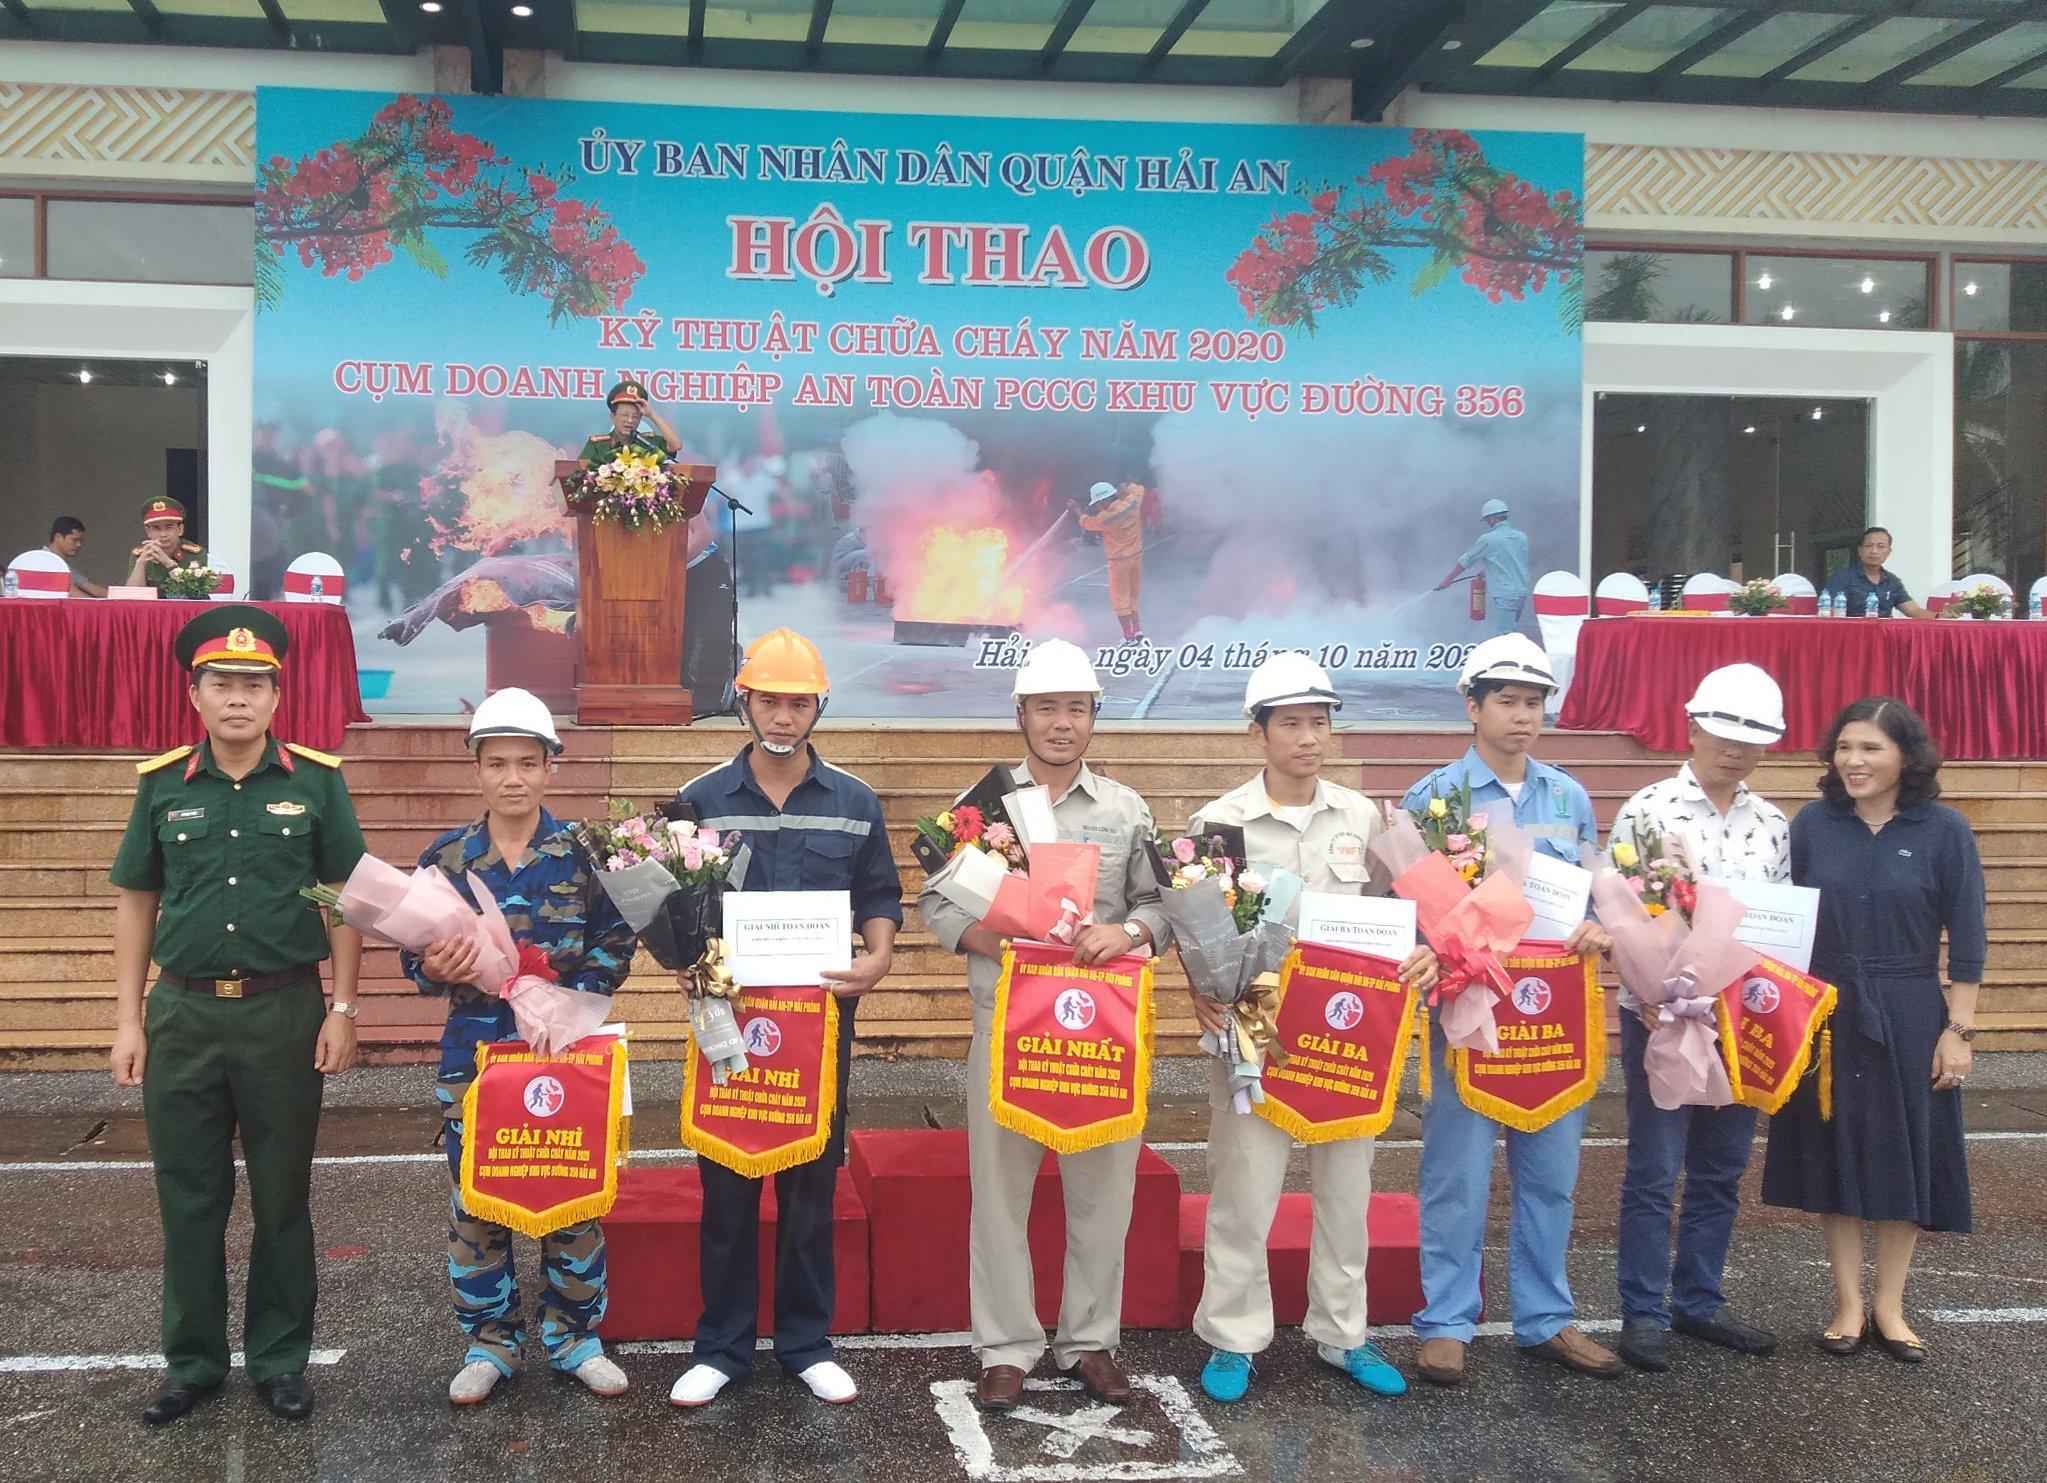 Cảng Hải An giành giải nhất tại Hội thao kỹ thuật chữa cháy Quận Hải An năm 2020